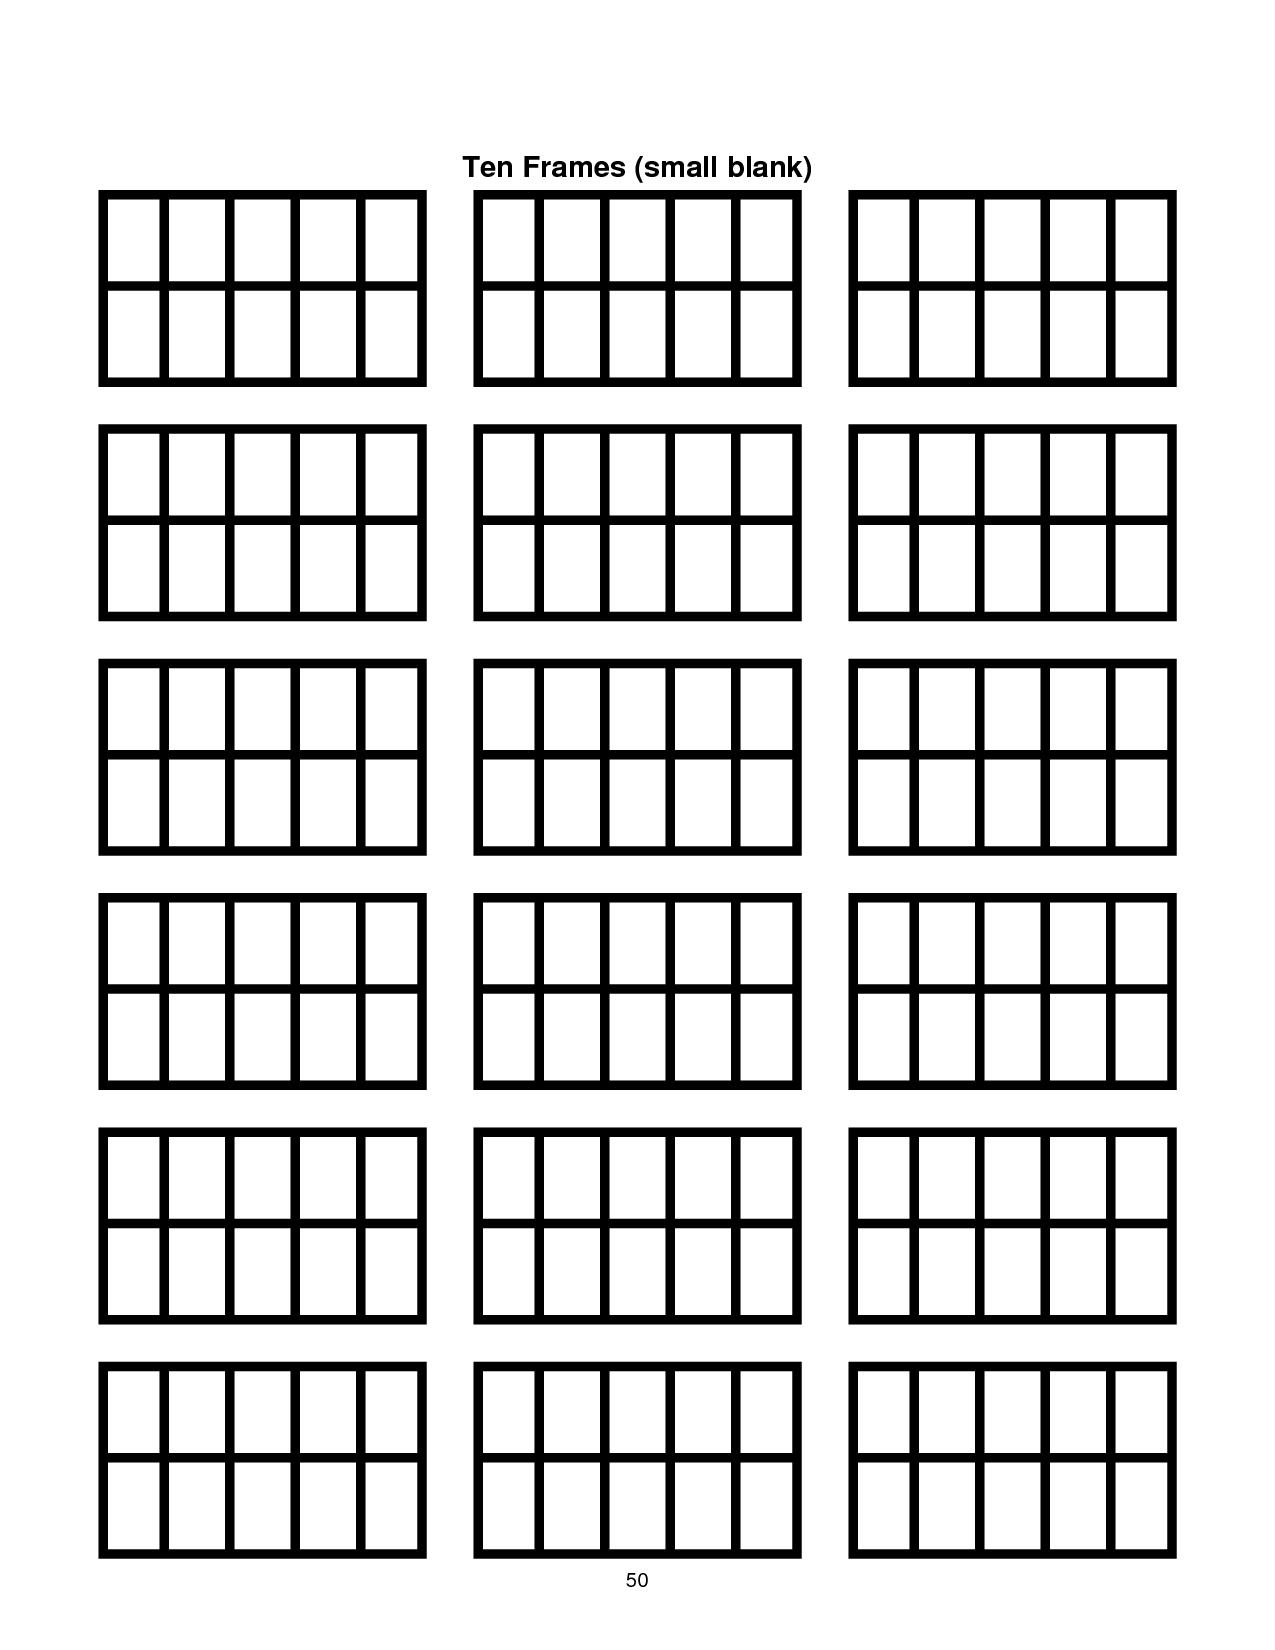 Ten Frame Template Printable | Document Sample - Blank Ten Frame PNG